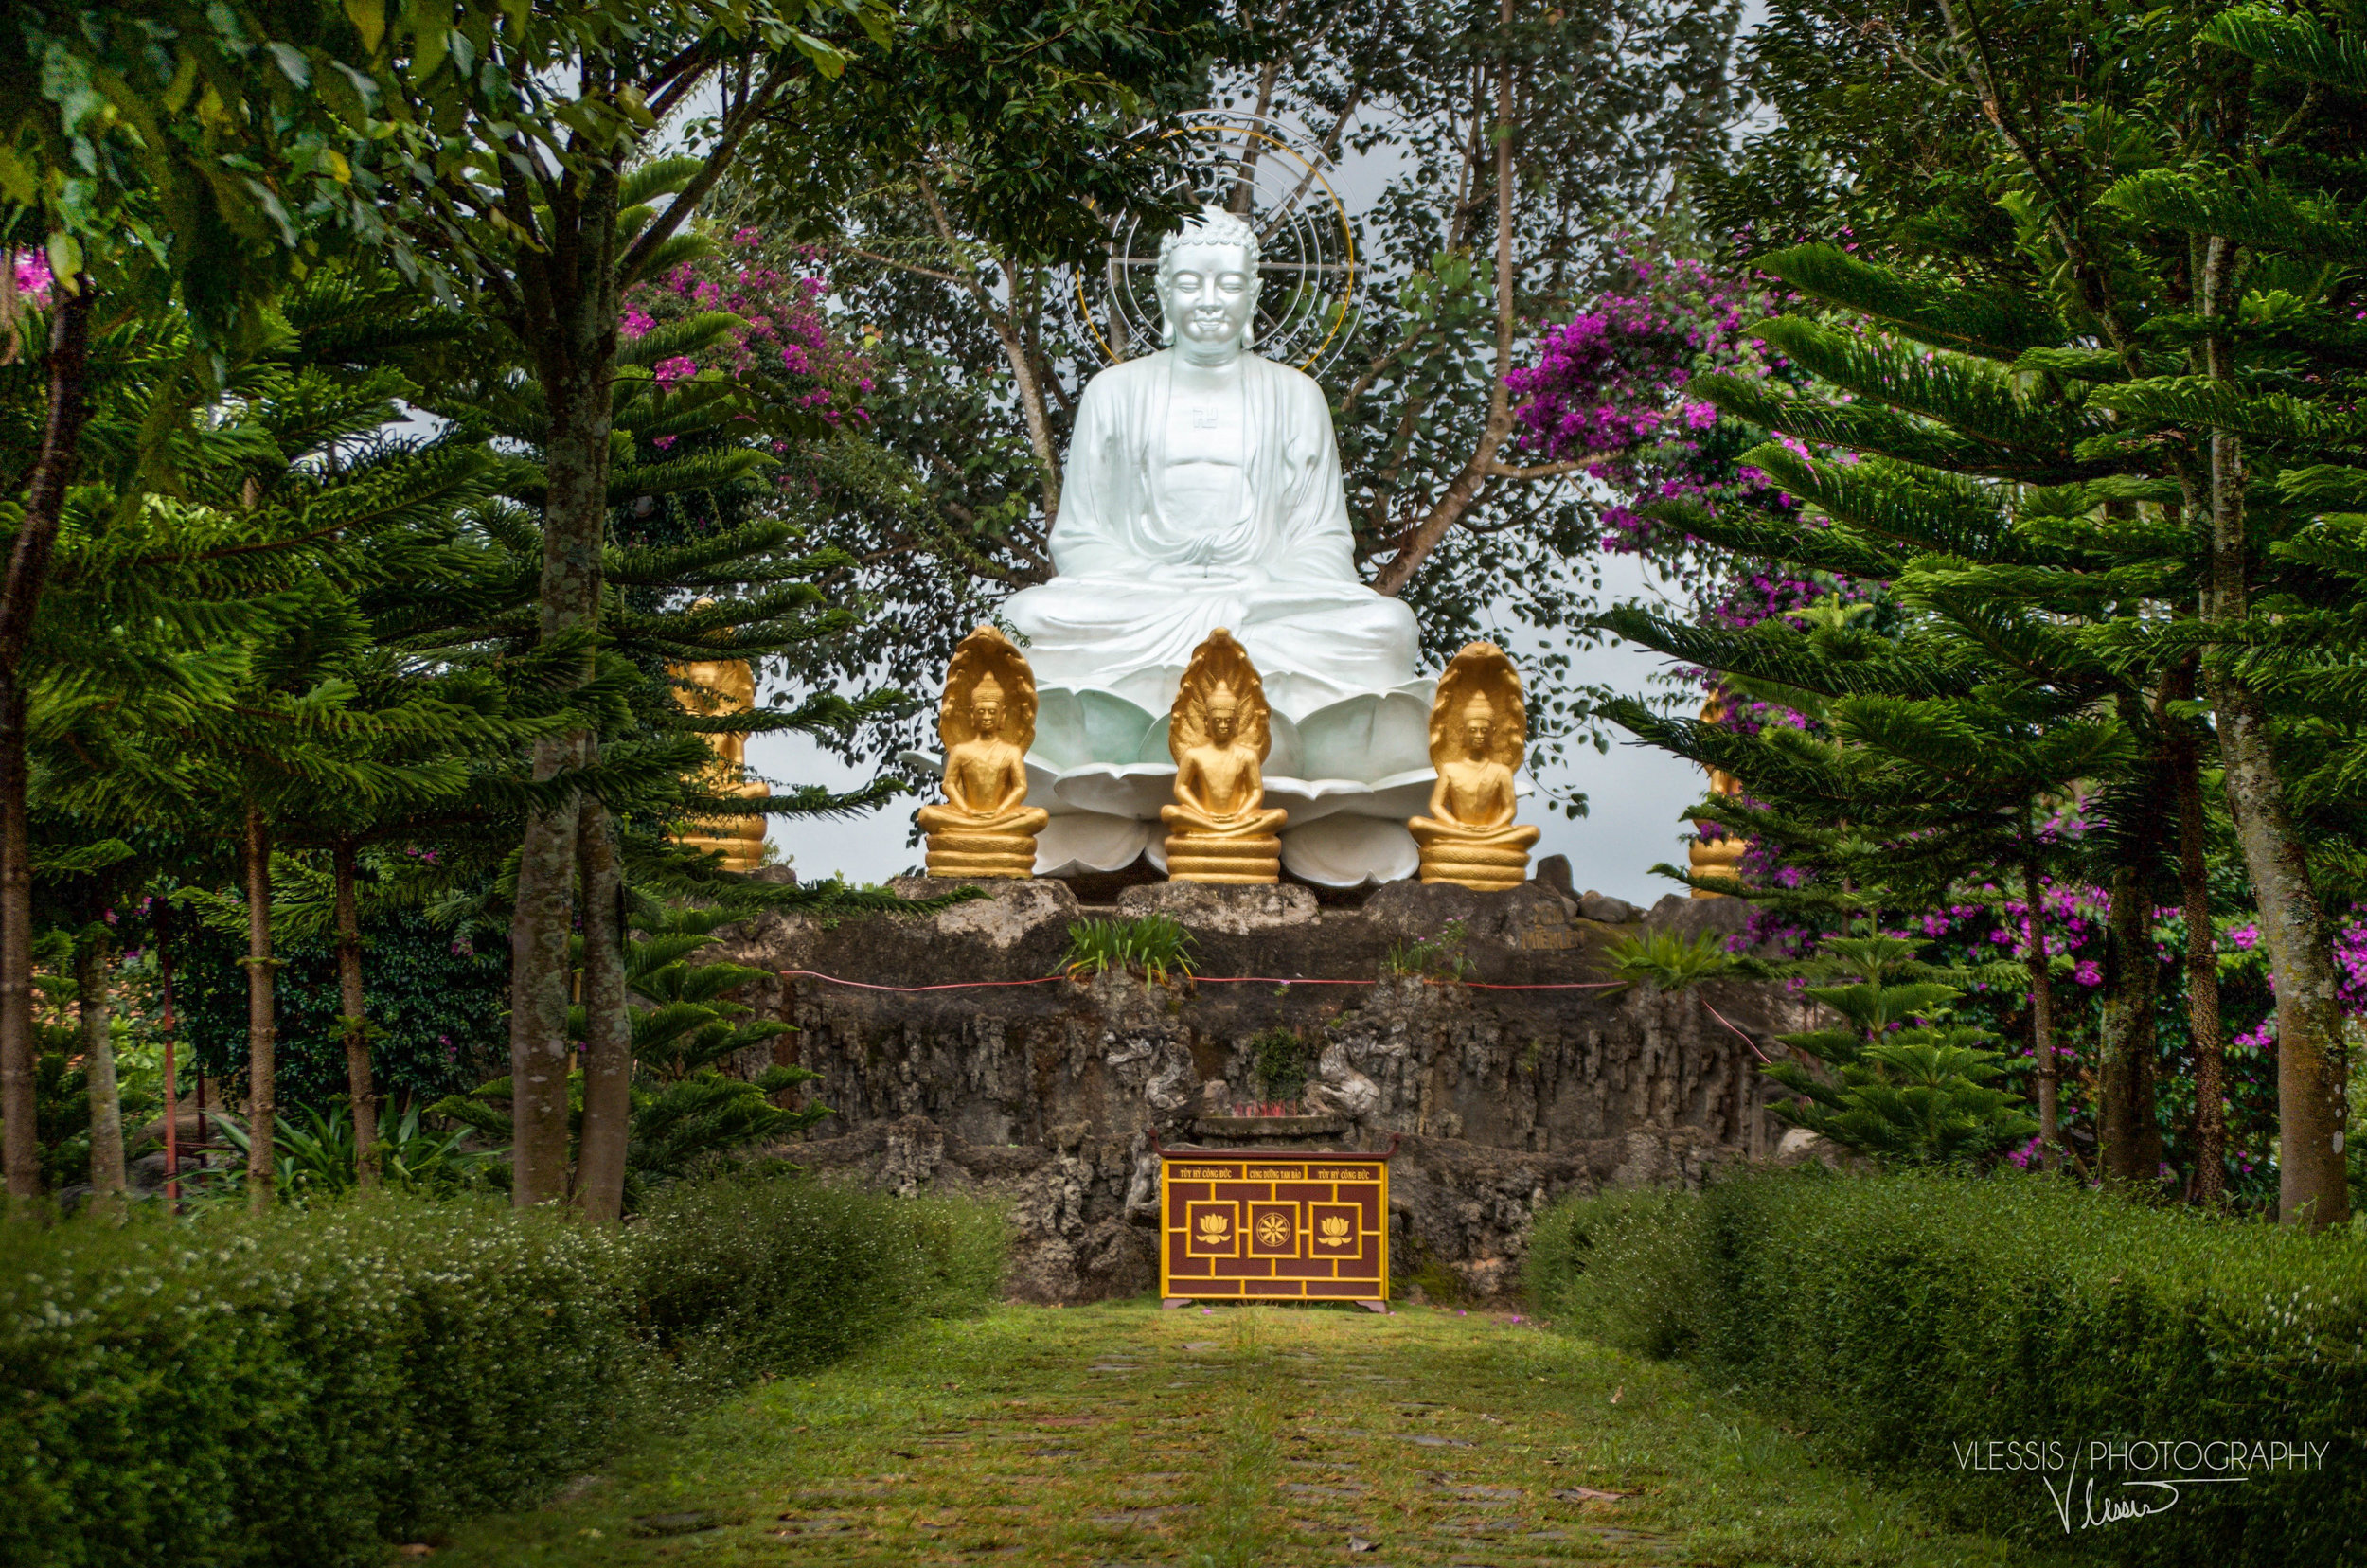 Vietnamstatue (1 of 1).jpg